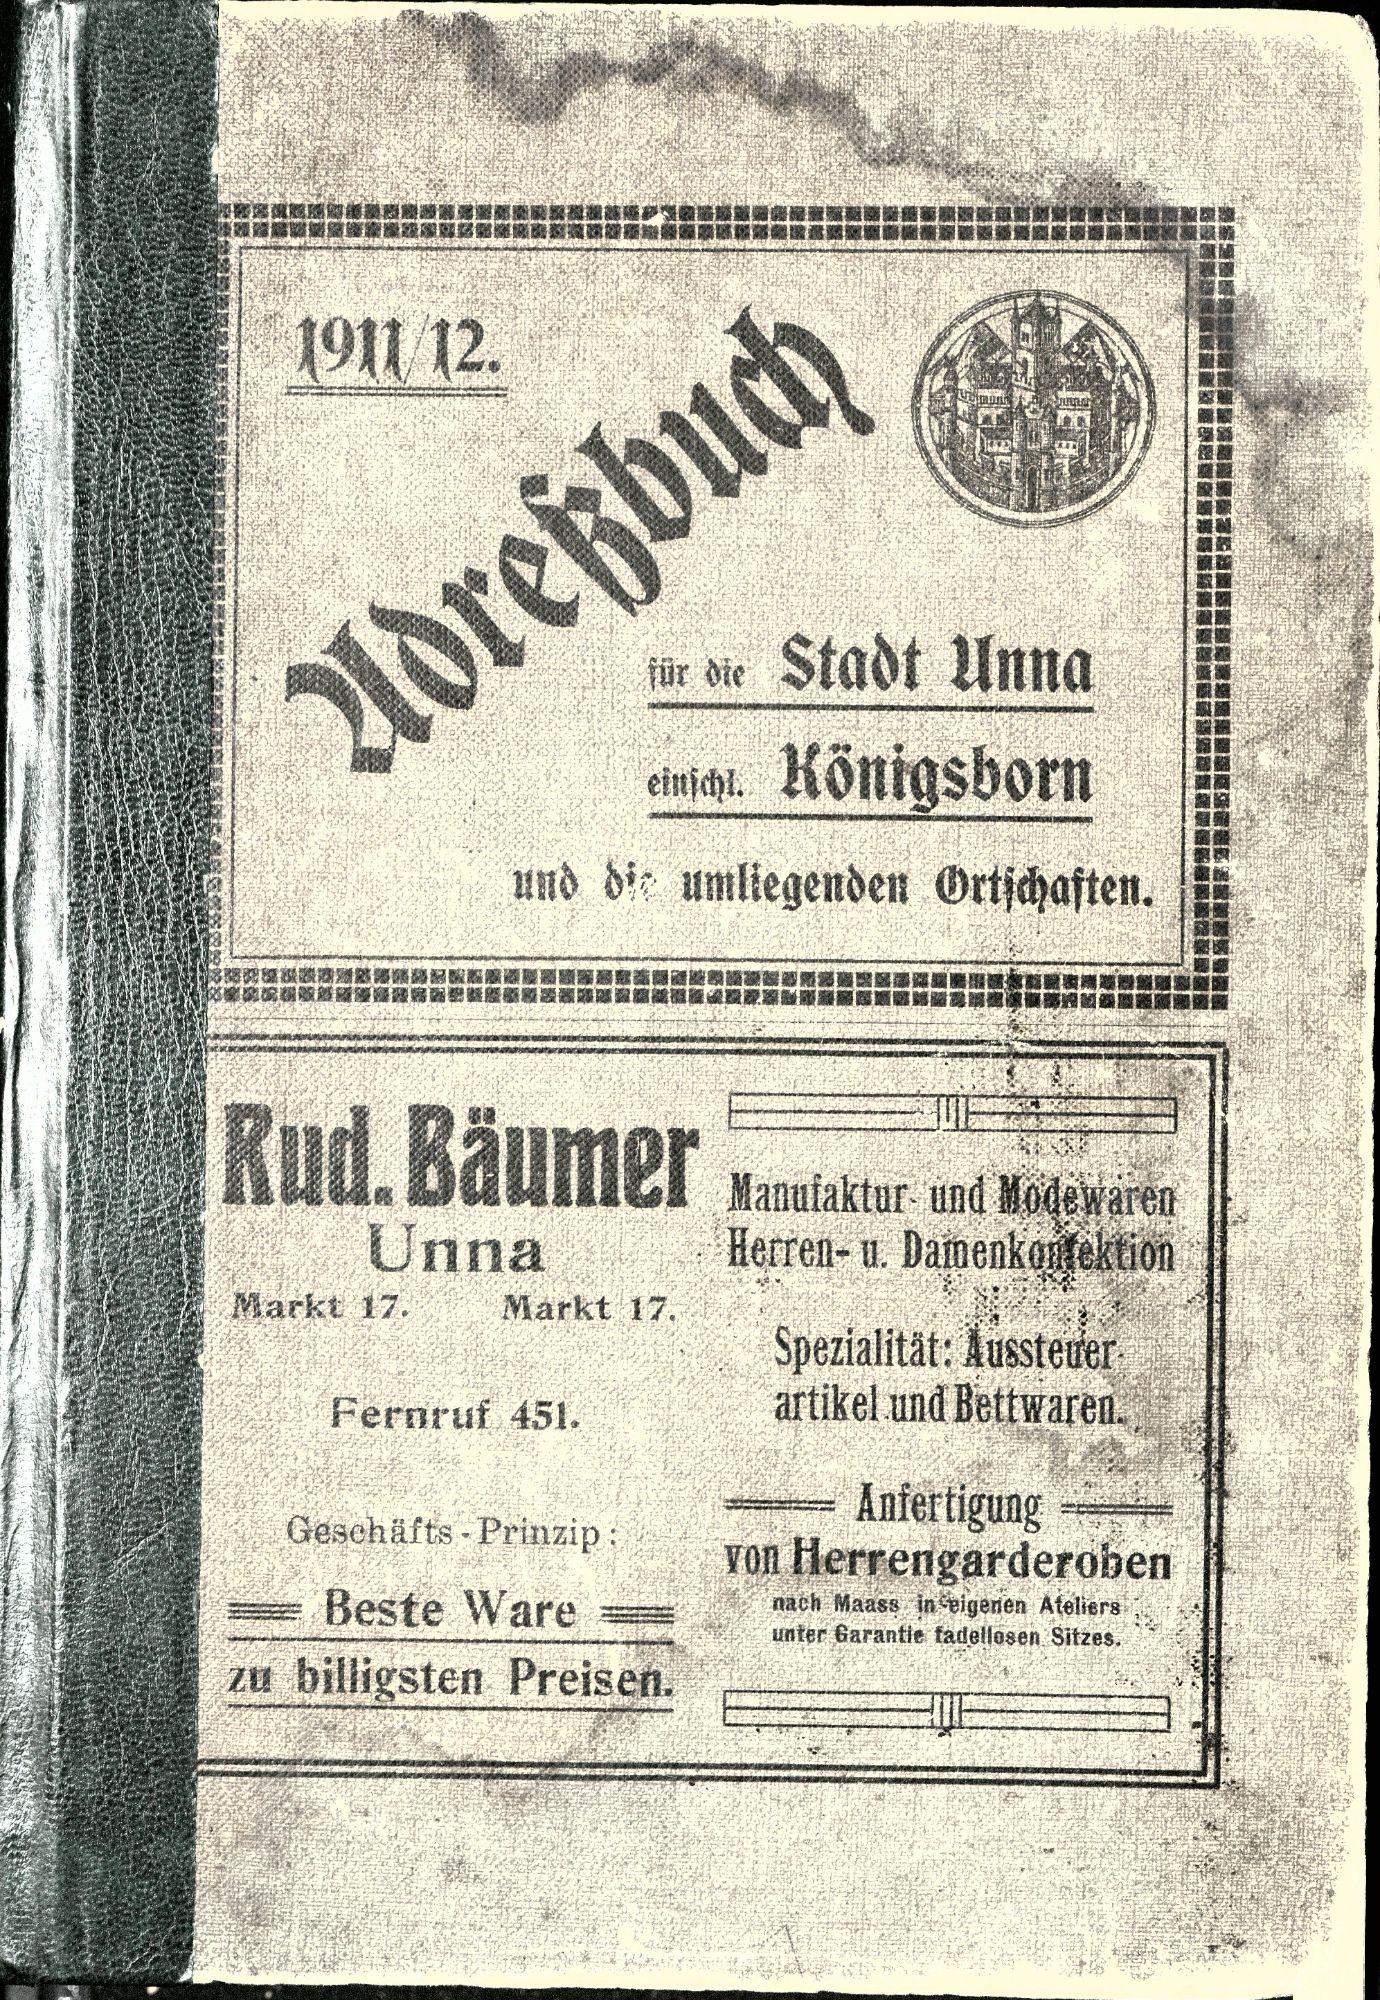 Adressbuch für die Stadt Unna 1911/12